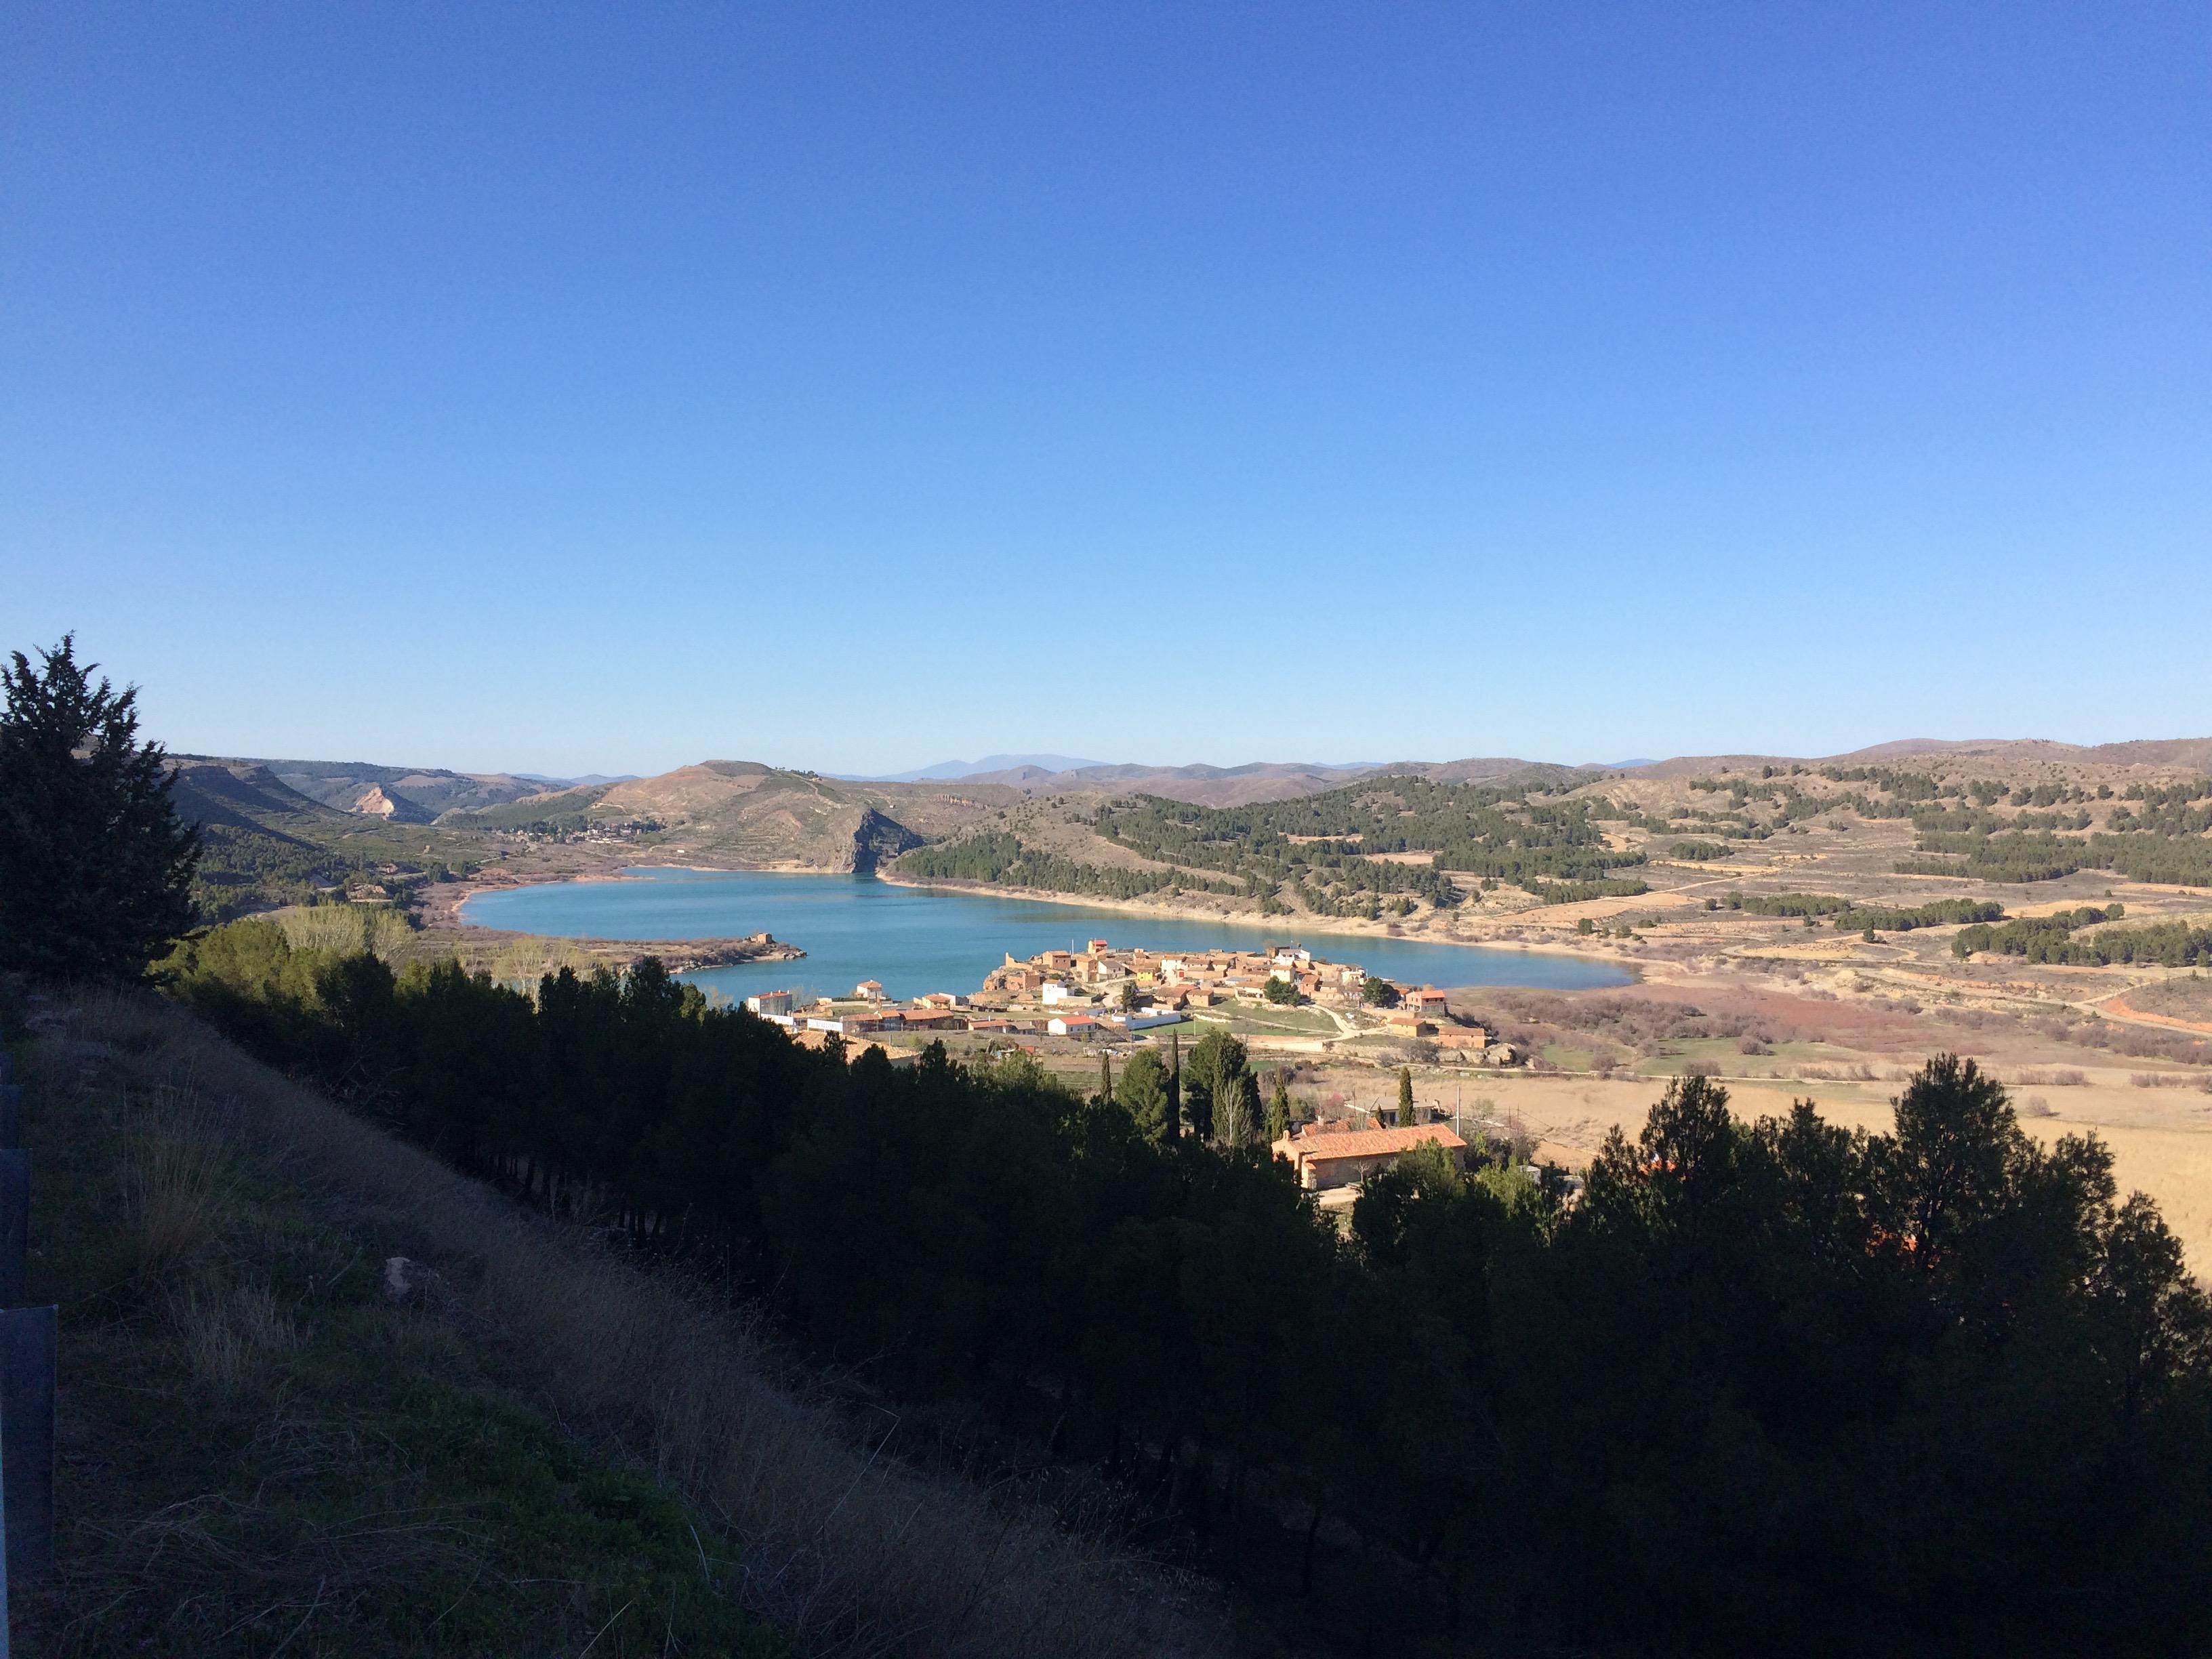 Nuevalos La Tranquera Reservoir